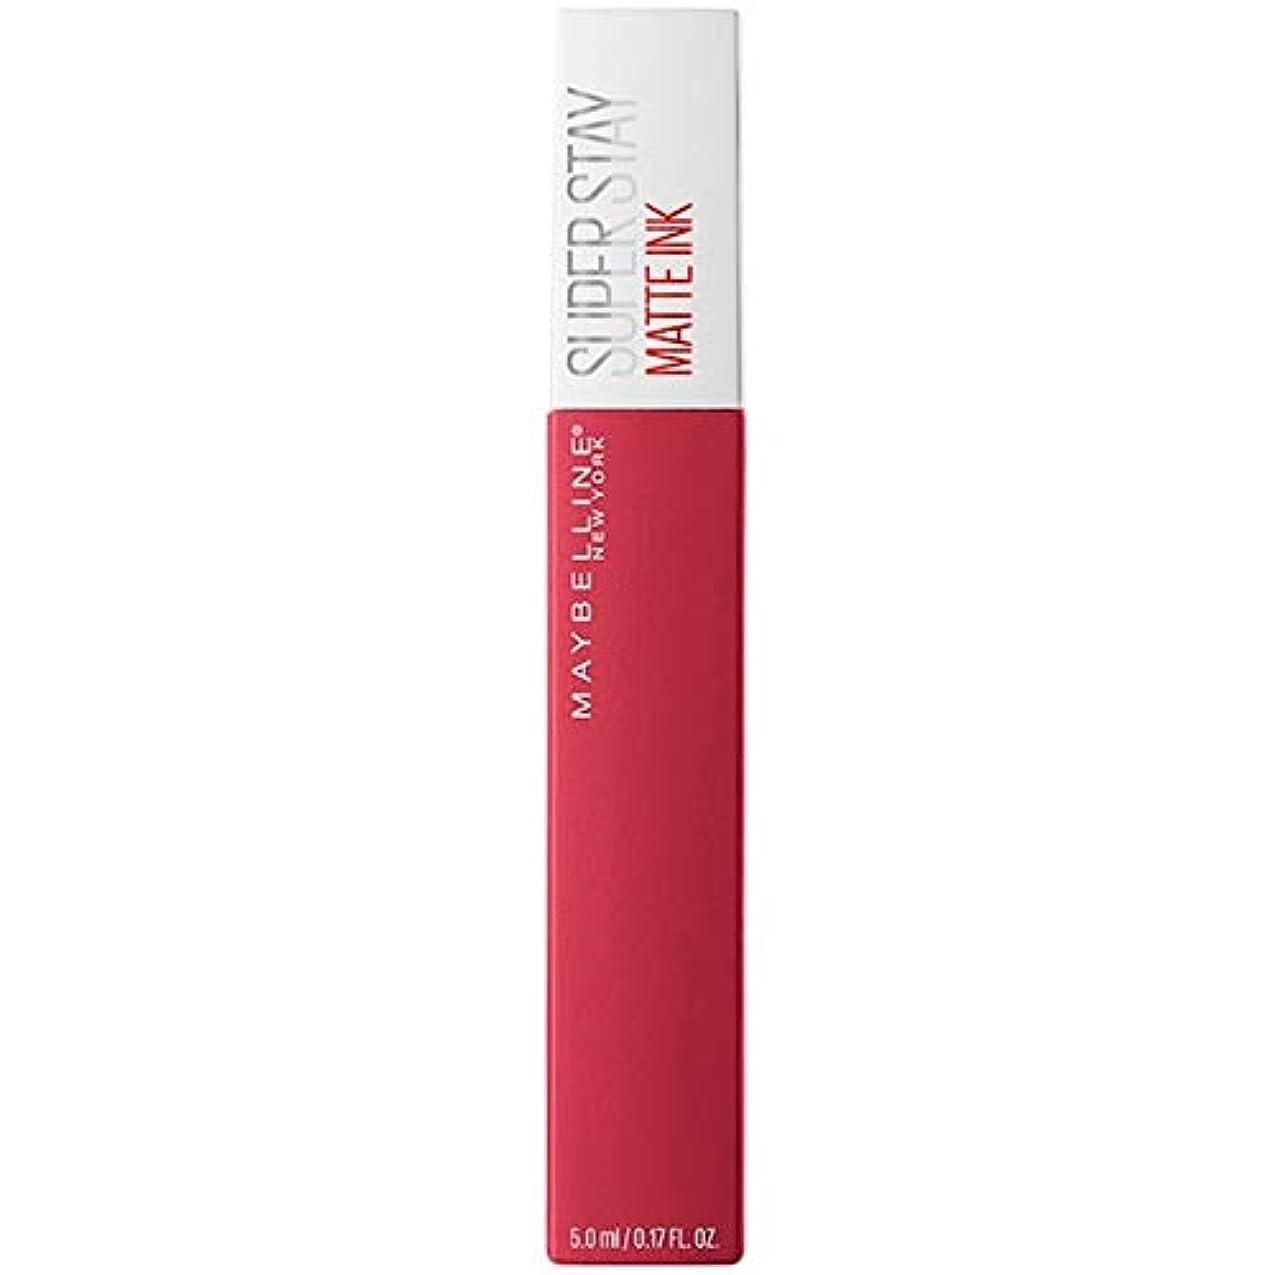 競争彫る安全[Maybelline ] メイベリンSuperstayマットインク液口紅80定規5ミリリットル - Maybelline Superstay Matte Ink Liquid Lipstick 80 Ruler 5ml [並行輸入品]